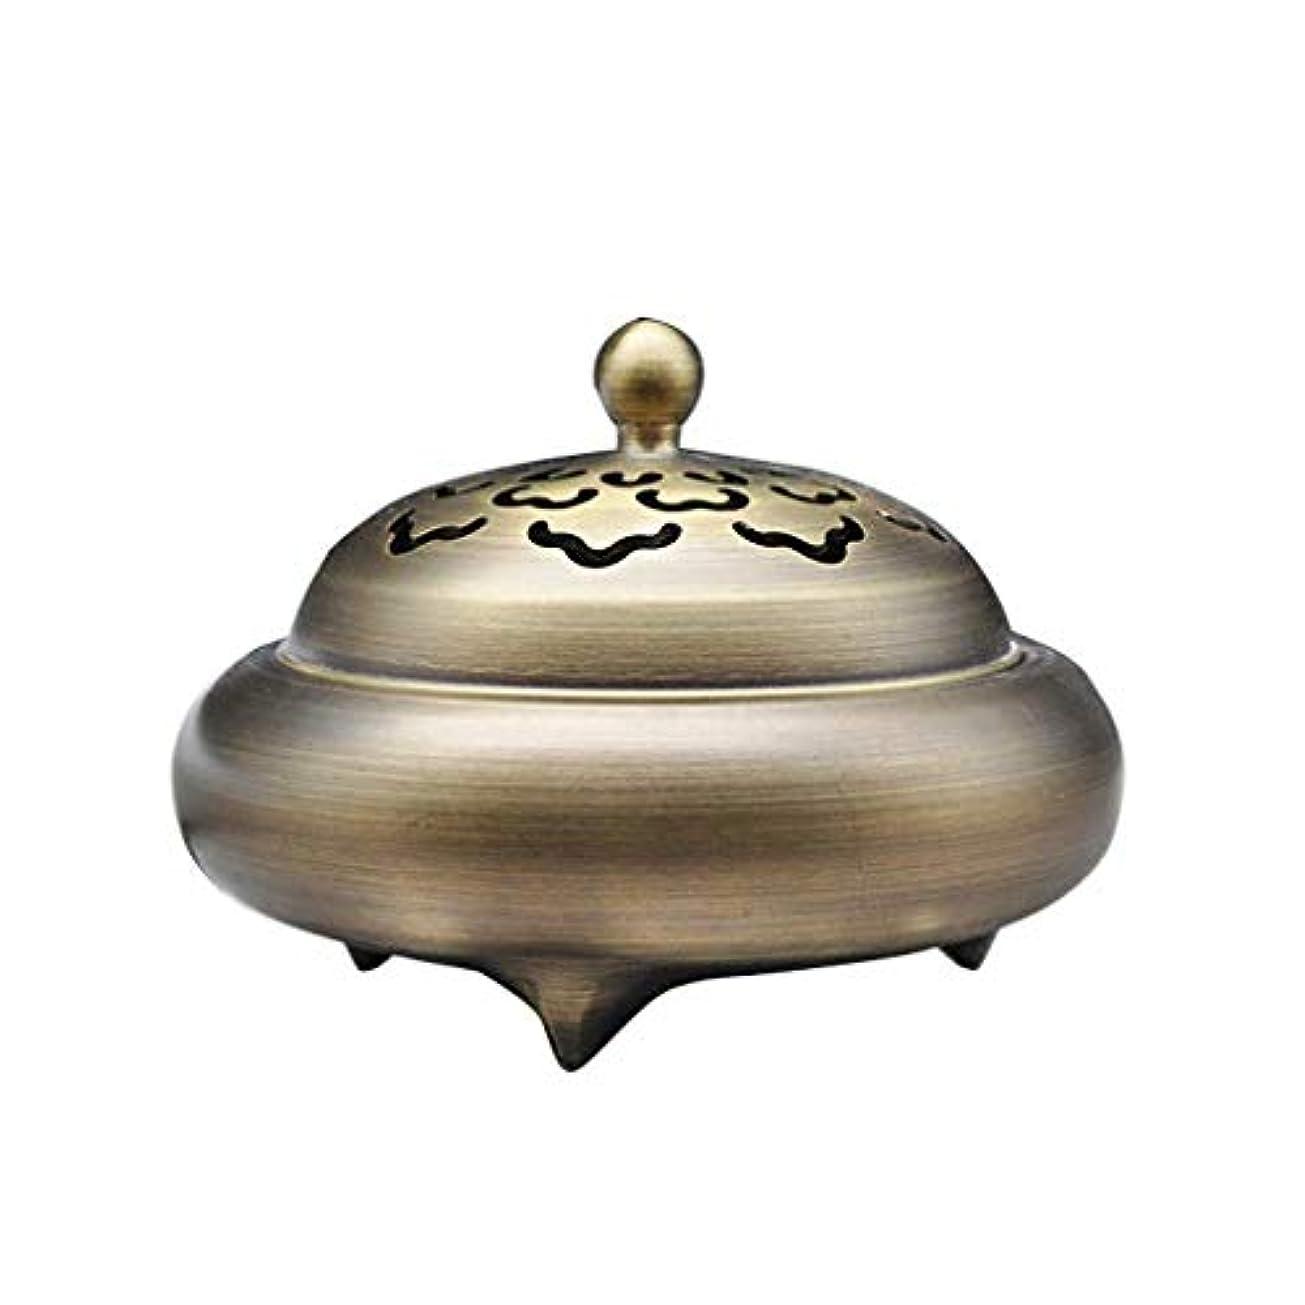 航空会社湿気の多いする芳香器?アロマバーナー レトロバーナー純銅香バーナーホーム屋内白檀炉香バーナー香道路装飾 アロマバーナー芳香器 (Color : Brass)